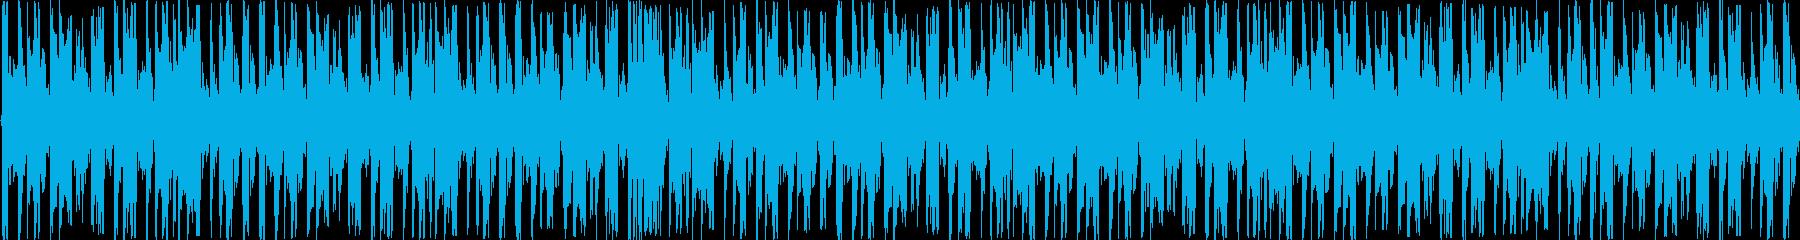 四つ打ちEDMLOOPの再生済みの波形